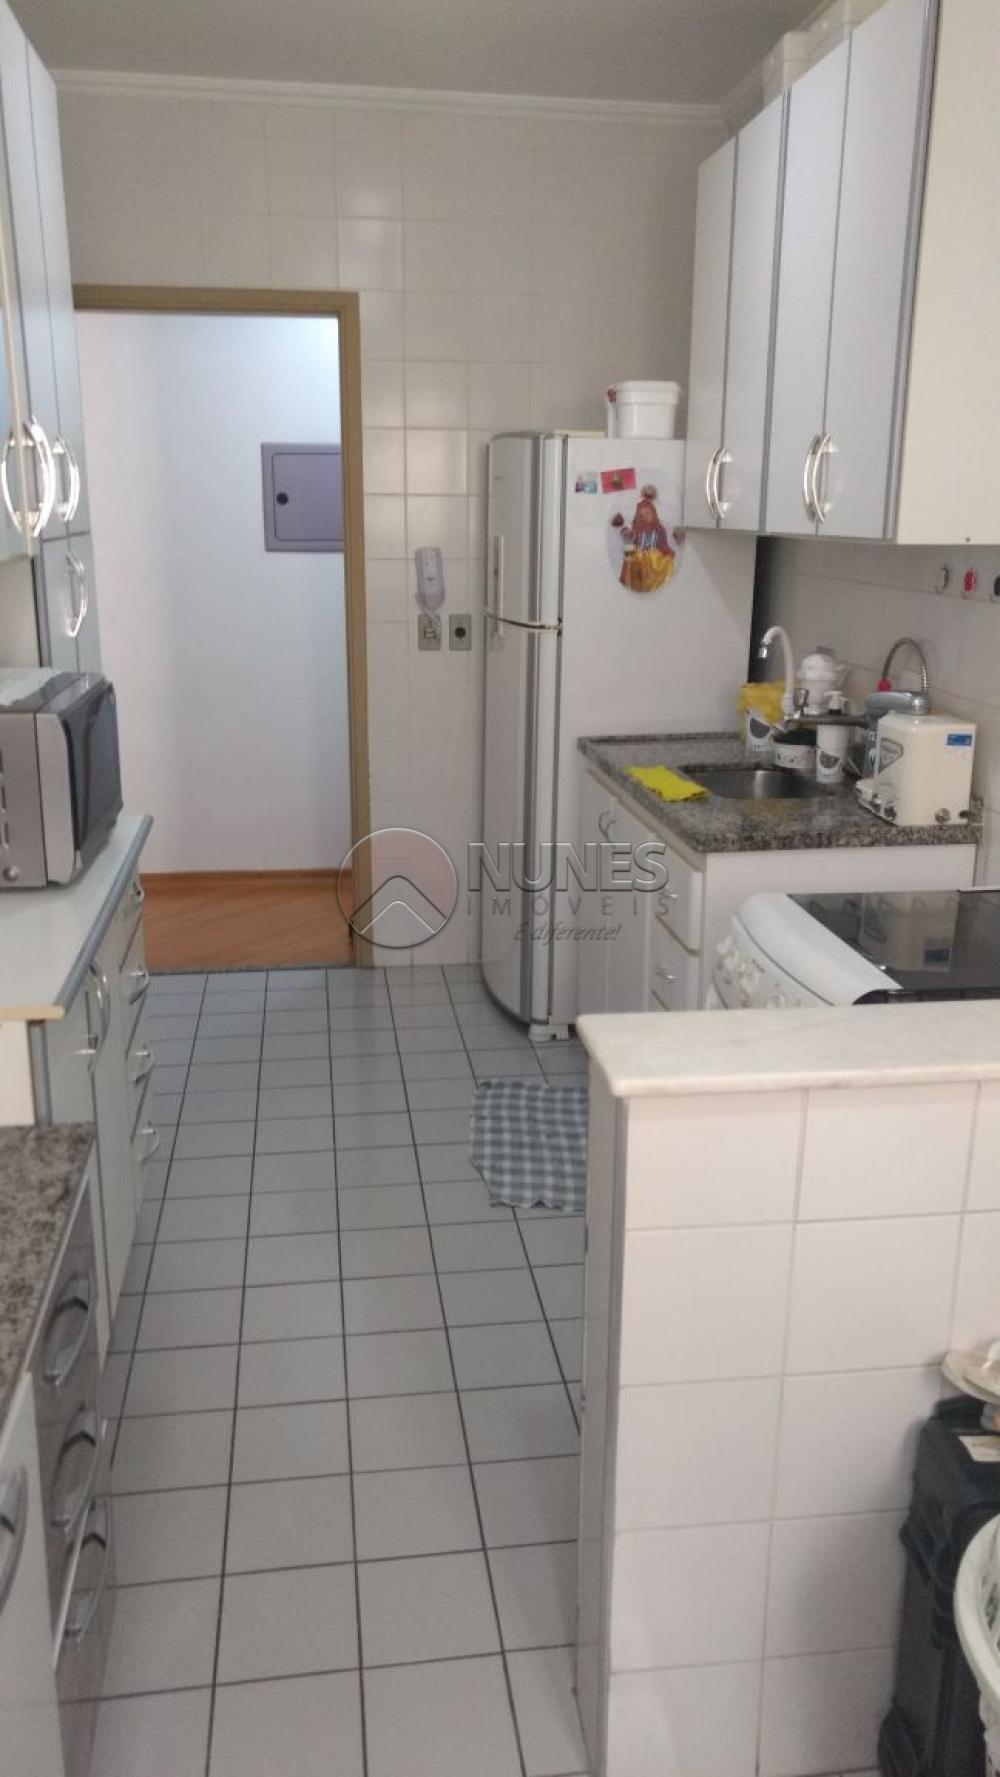 Comprar Apartamento / Padrão em Osasco apenas R$ 252.000,00 - Foto 12